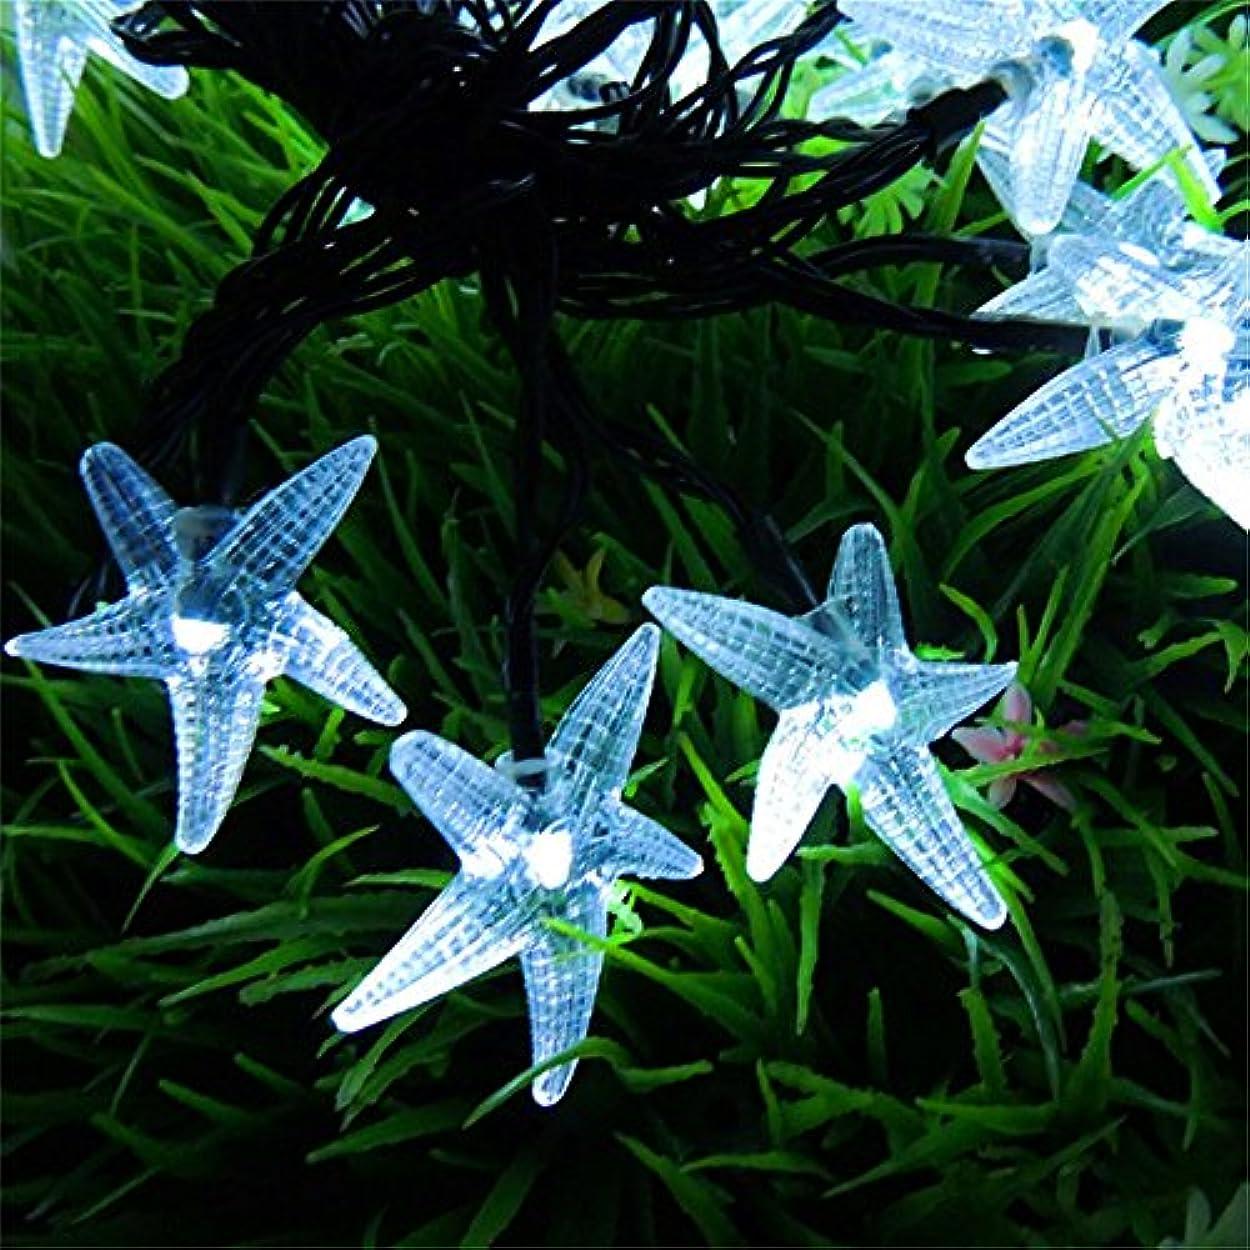 隔離うま原稿ソーラーストリングライト、SIMPLE DO LEDライト イルミネーション クリスマス パーティー 防水 省エネ 環境に優しい 使いやすい カラフル(ホワイト)